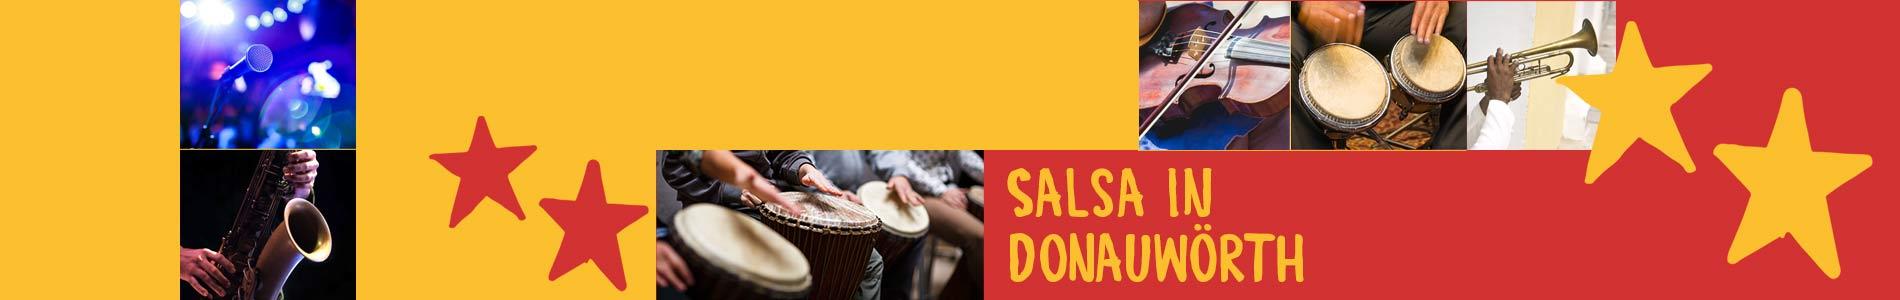 Salsa in Donauwörth – Salsa lernen und tanzen, Tanzkurse, Partys, Veranstaltungen